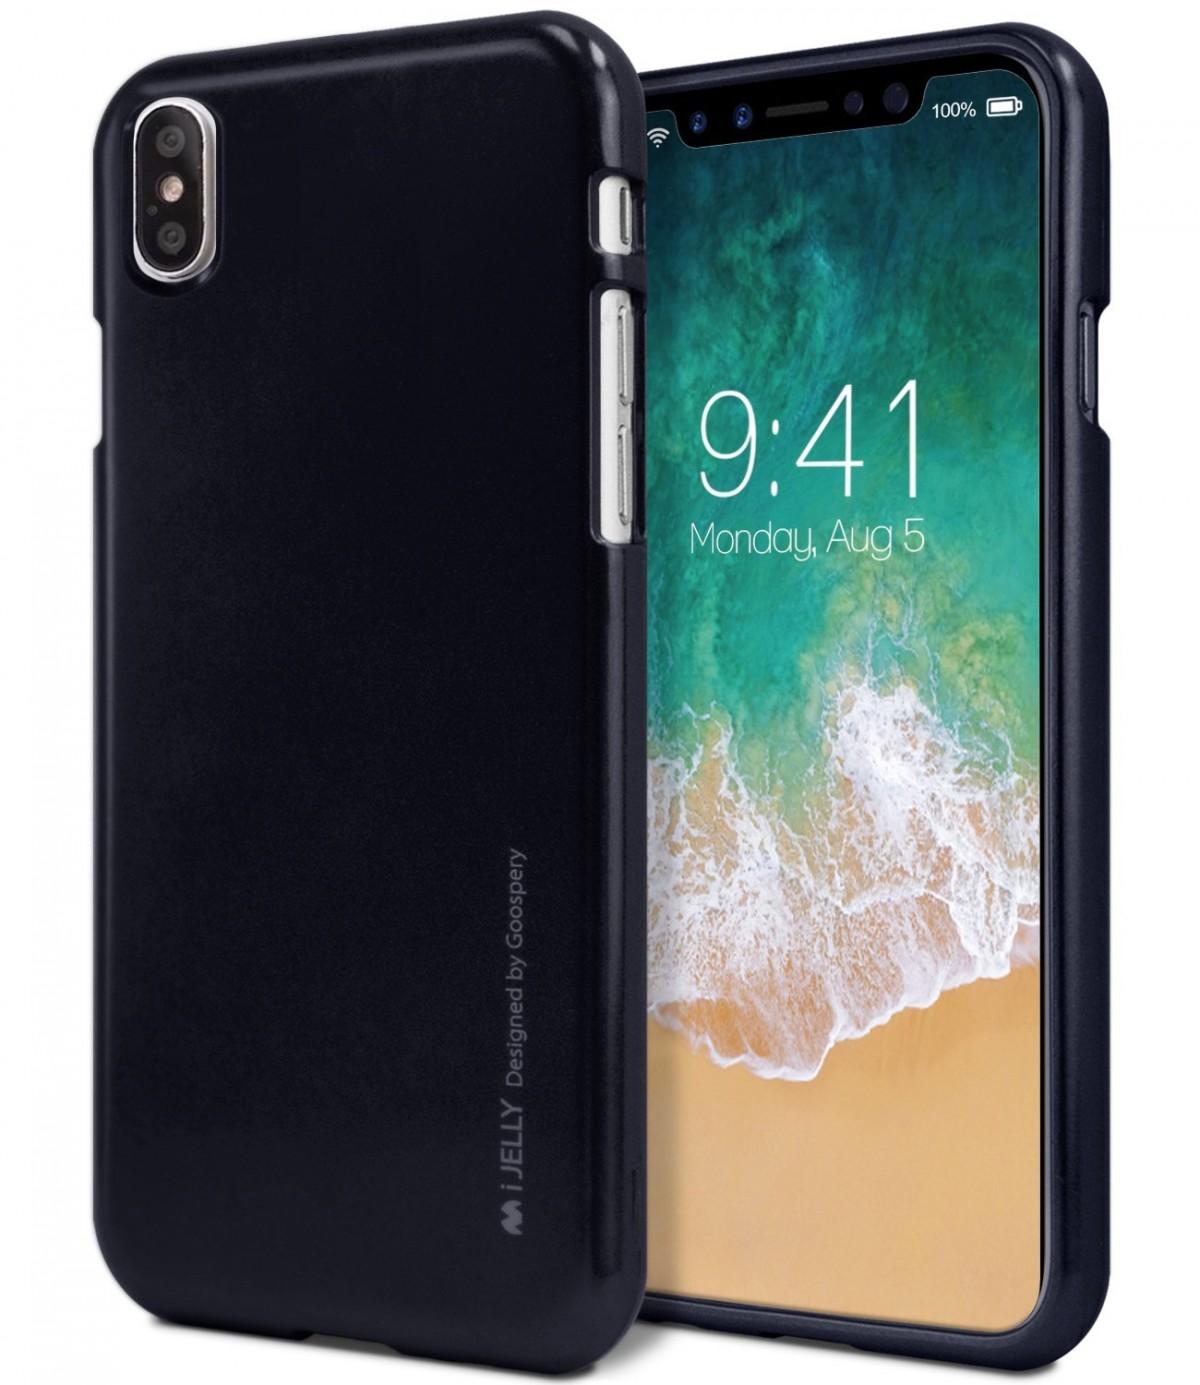 Pouzdro Goospery i-Jelly Metal iPhone XS MAX - Černé